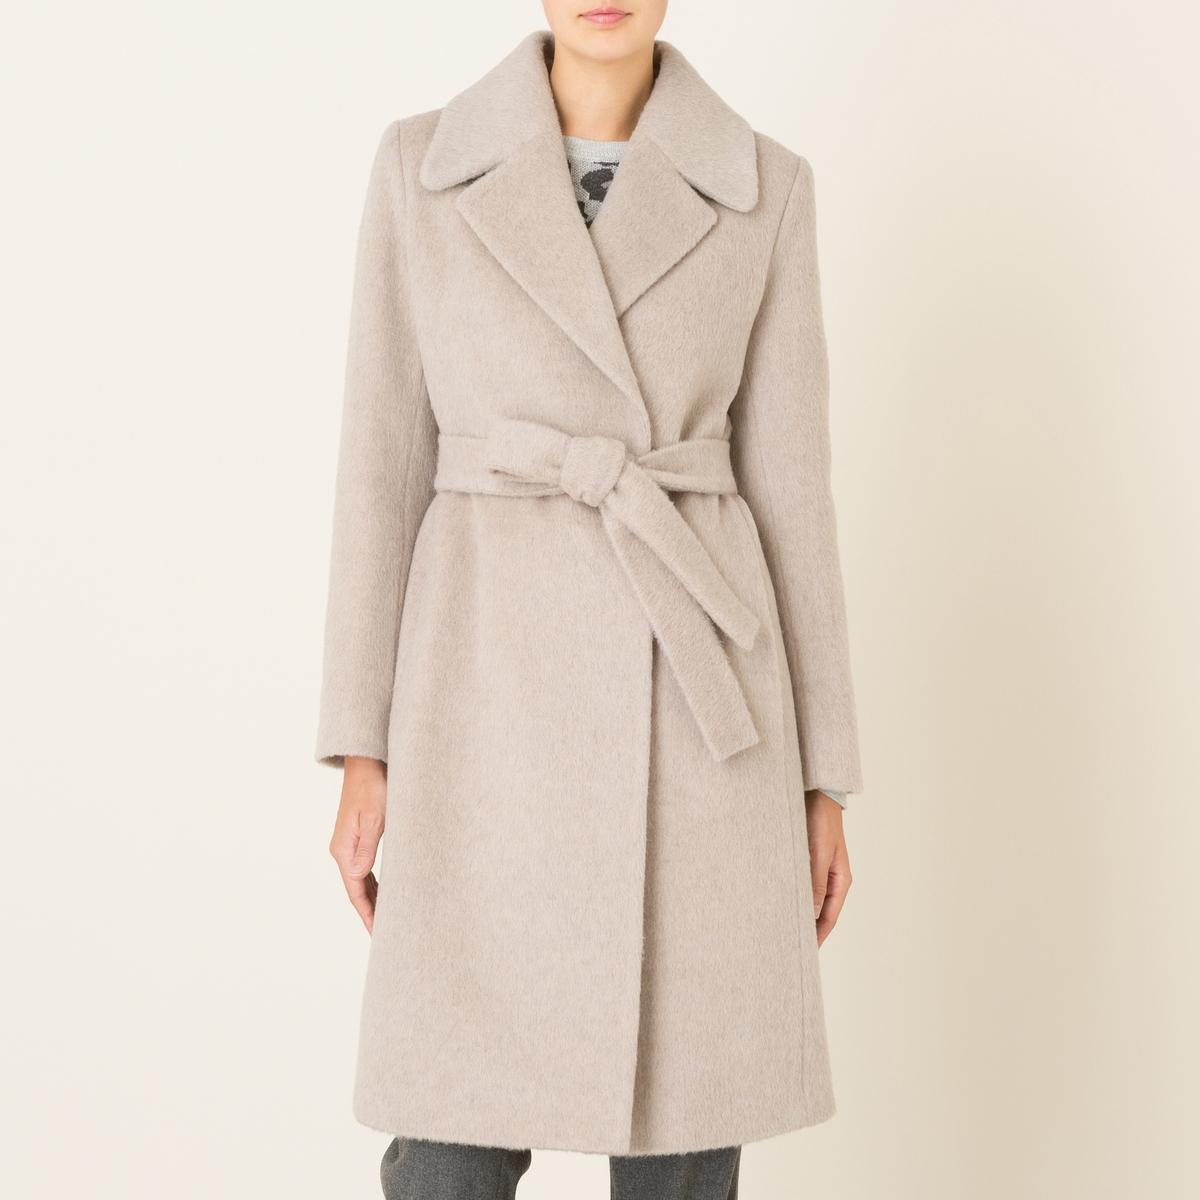 Пальто длинное из шерстяного драпаДлинное пальто LA BRAND BOUTIQUE - с запахом, с застежкой на 2 кнопки, из шерстяного драпа. Зубчатый воротник, застежка на 2 скрытые кнопки. Широкий пояс. Прямые рукава. Карманы в боковых швах. Шлица сзади. На подкладке.Состав и описание    Материал : 60% необработанной шерсти, 15% мохера, 25% полиамида   Подкладка 100% ацетат   Марка : LA BRAND BOUTIQUE<br><br>Цвет: бежевый<br>Размер: 36 (FR) - 42 (RUS)